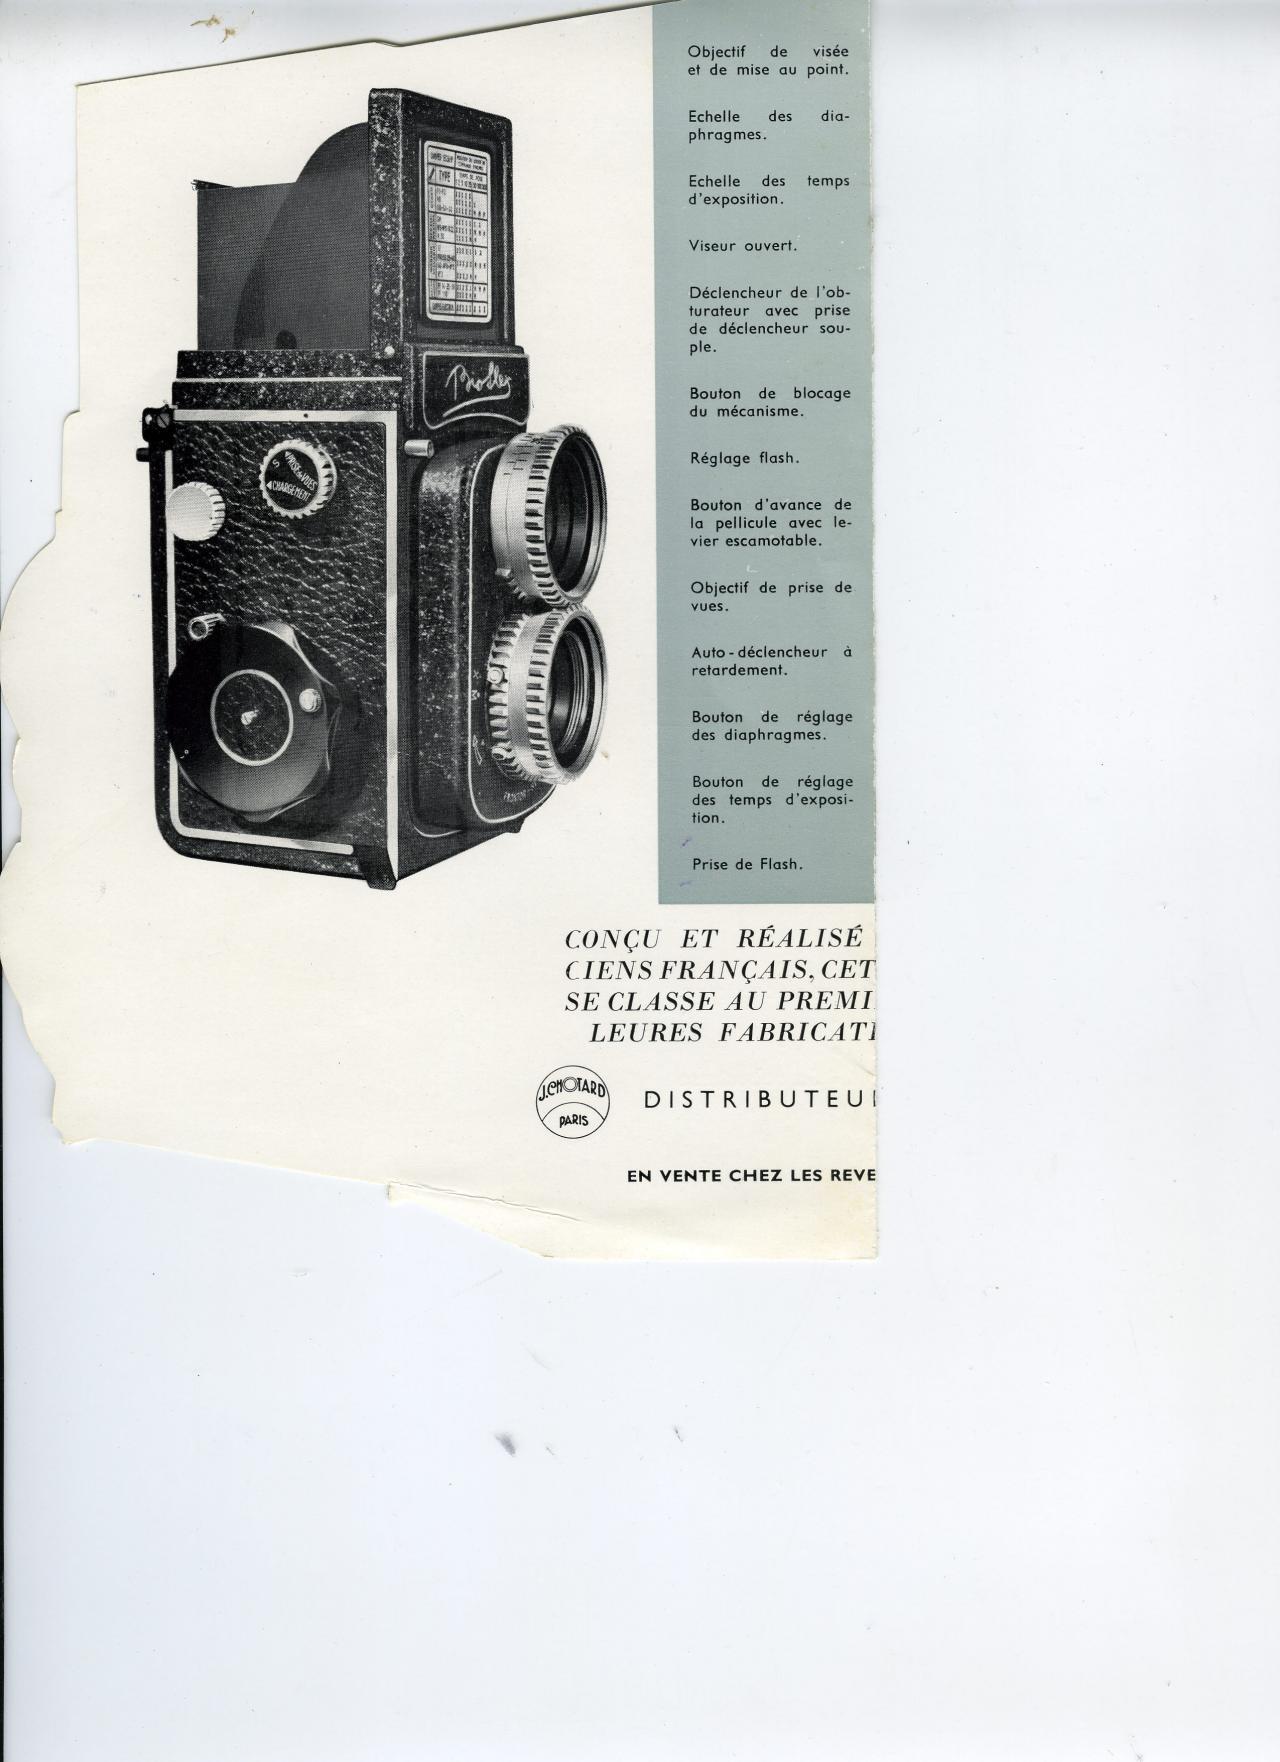 Wallpaper 2069-26  ALSAPHOT  Bioflex 1er modele, collection AMI Appareils photos